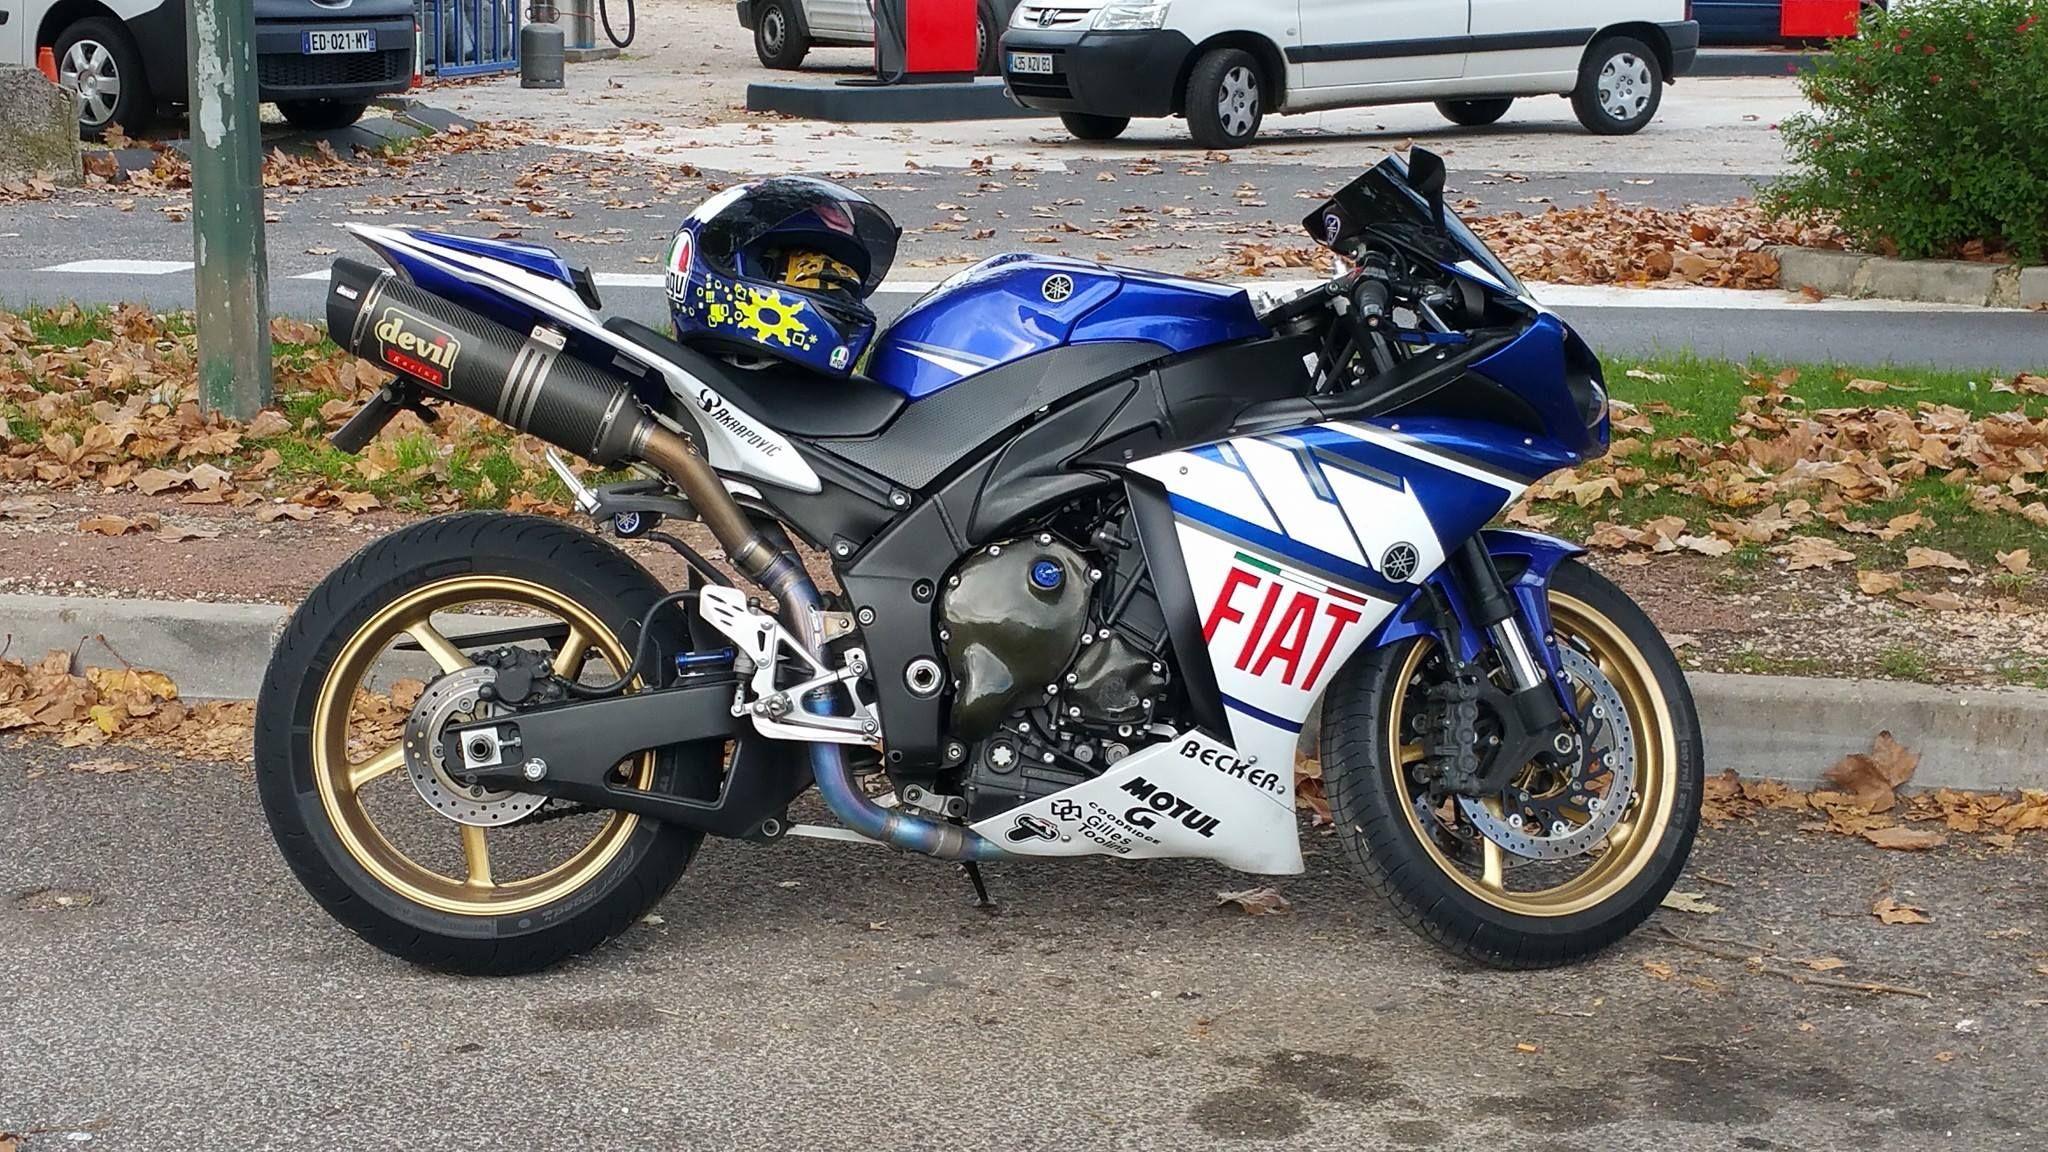 2011 yamaha r1 blue fiat devil exhaust [ 2048 x 1152 Pixel ]